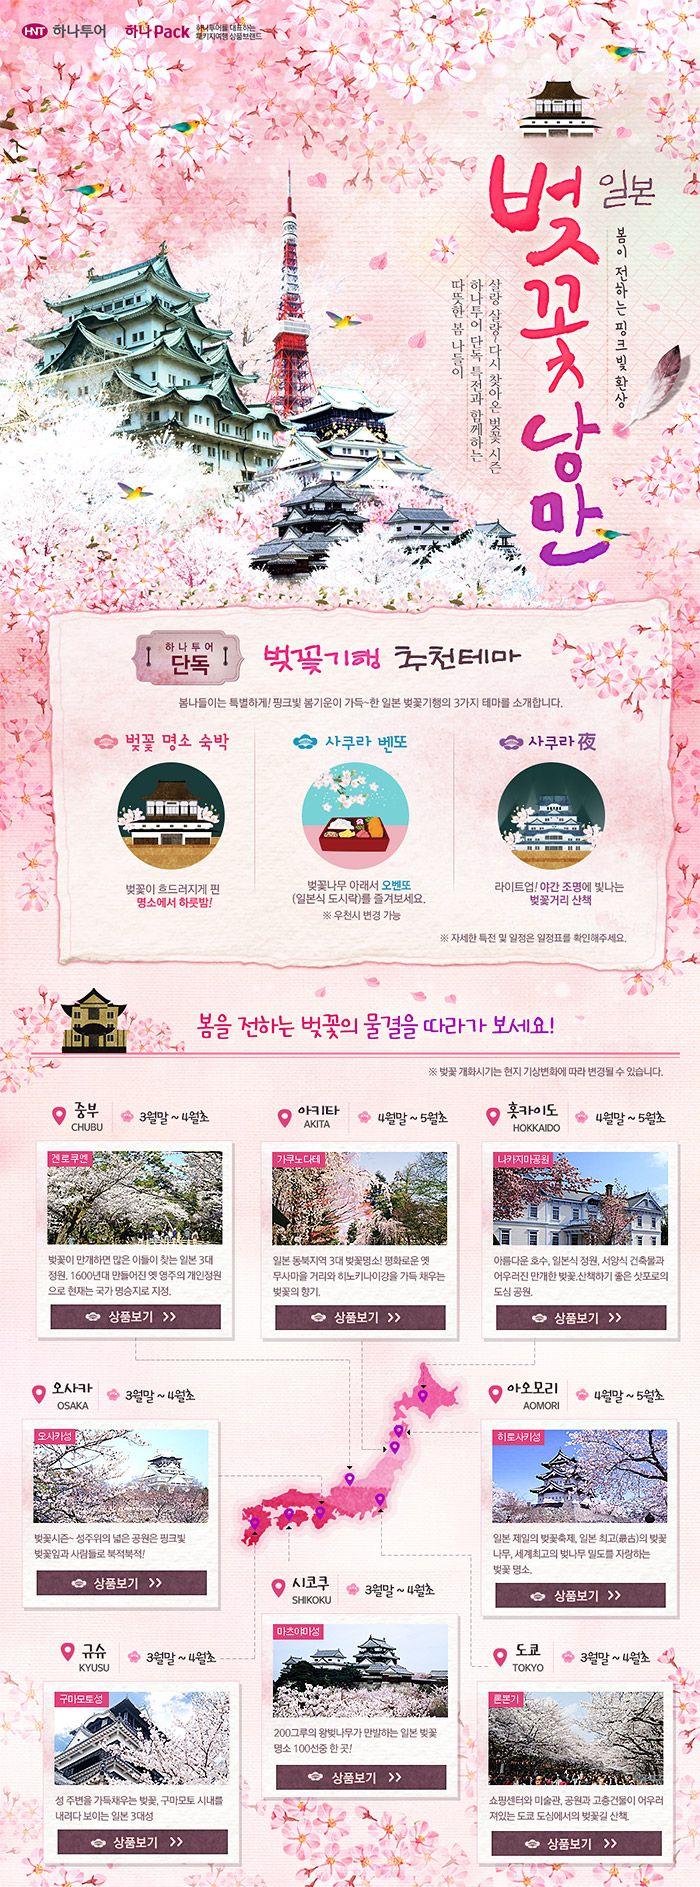 [기획전] 일본 벚꽃여행 기획전 : 네이버 블로그